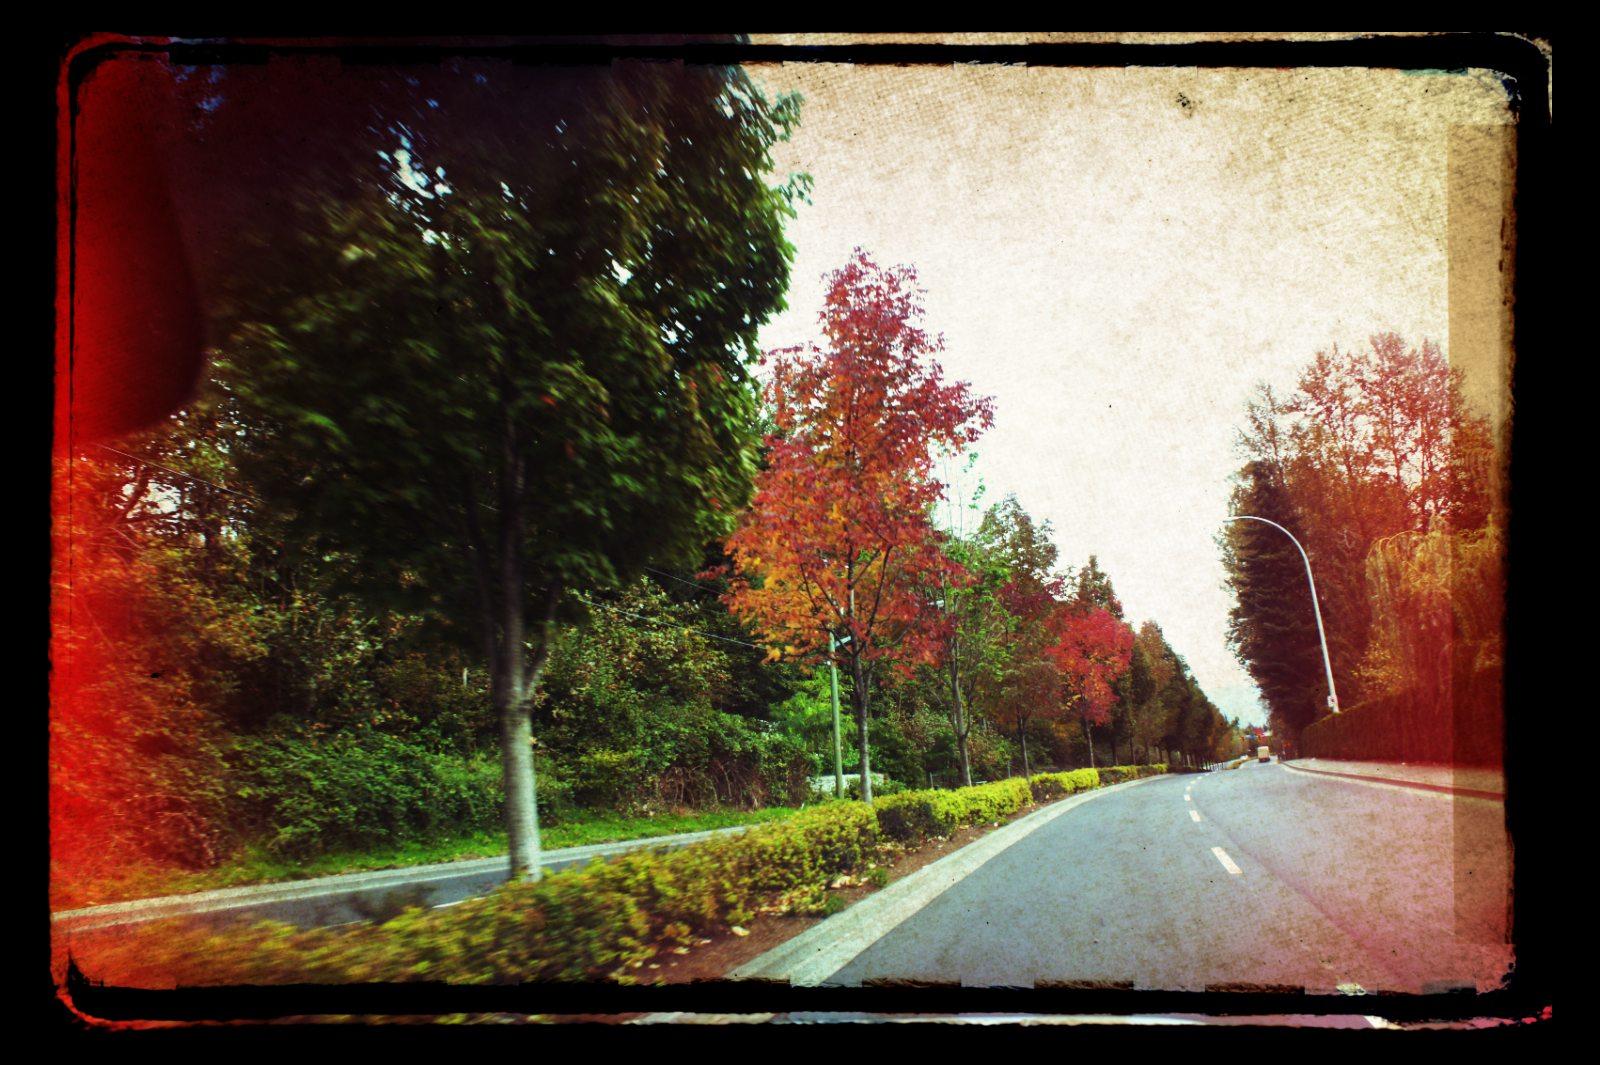 A Fiery Road